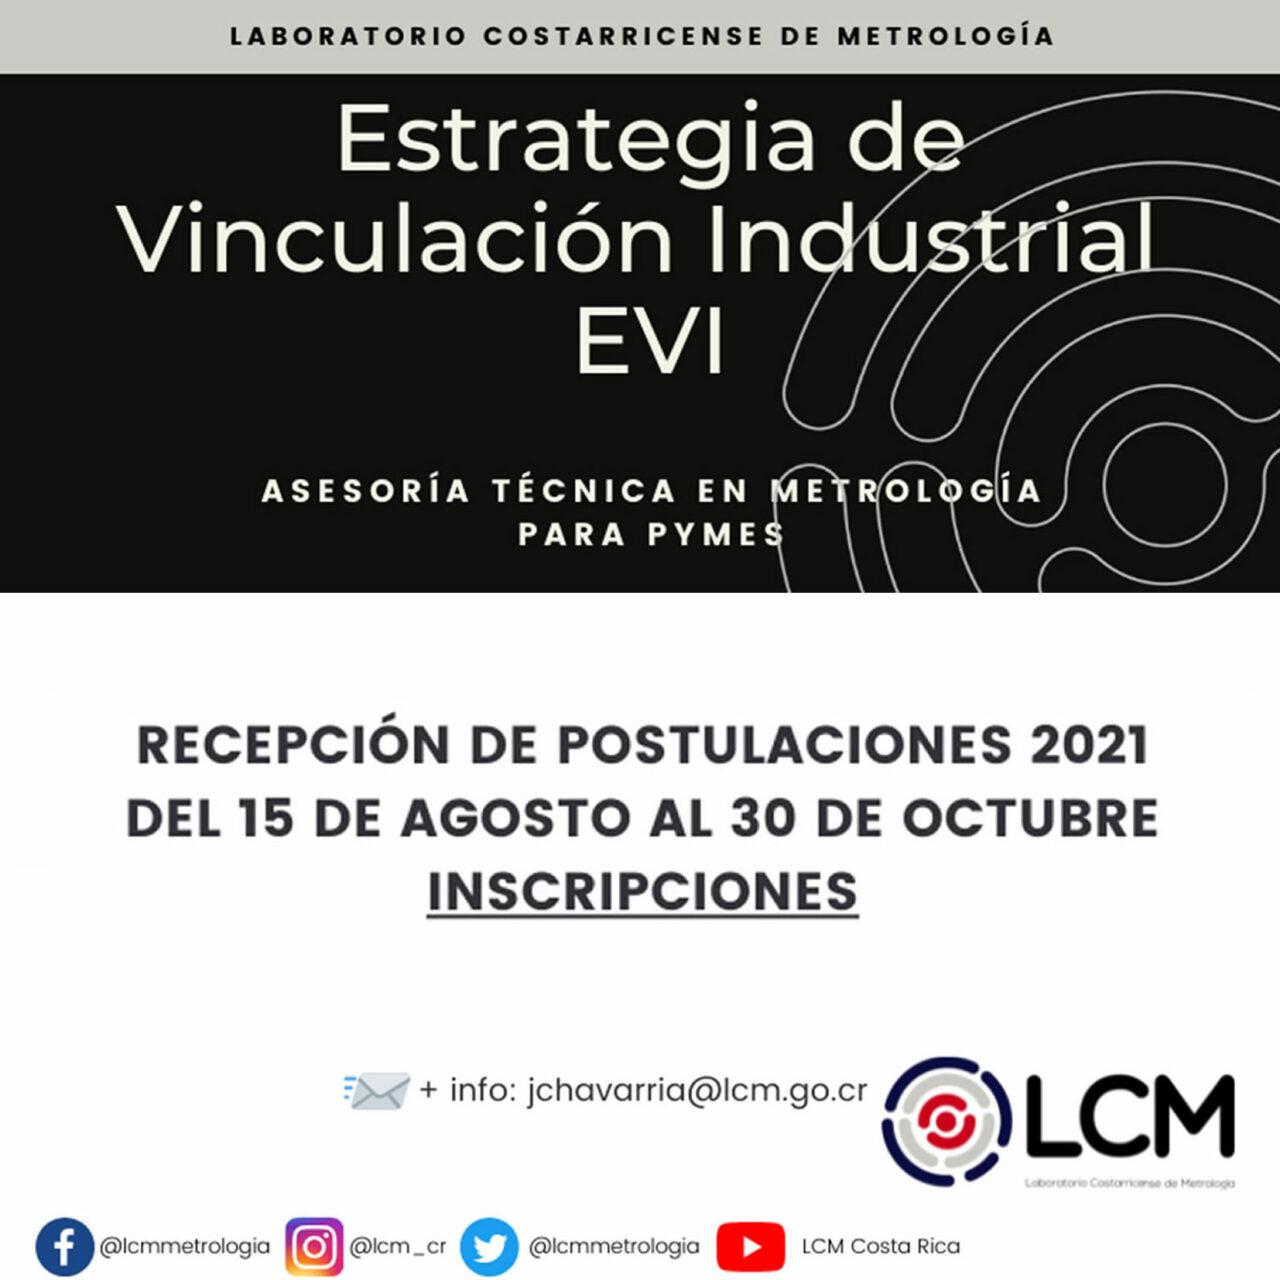 Apertura de Postulaciones para el Programa de Asesoría Técnica en Metrología 2022 Estrategia de Vinculación Industrial EVI-LCM